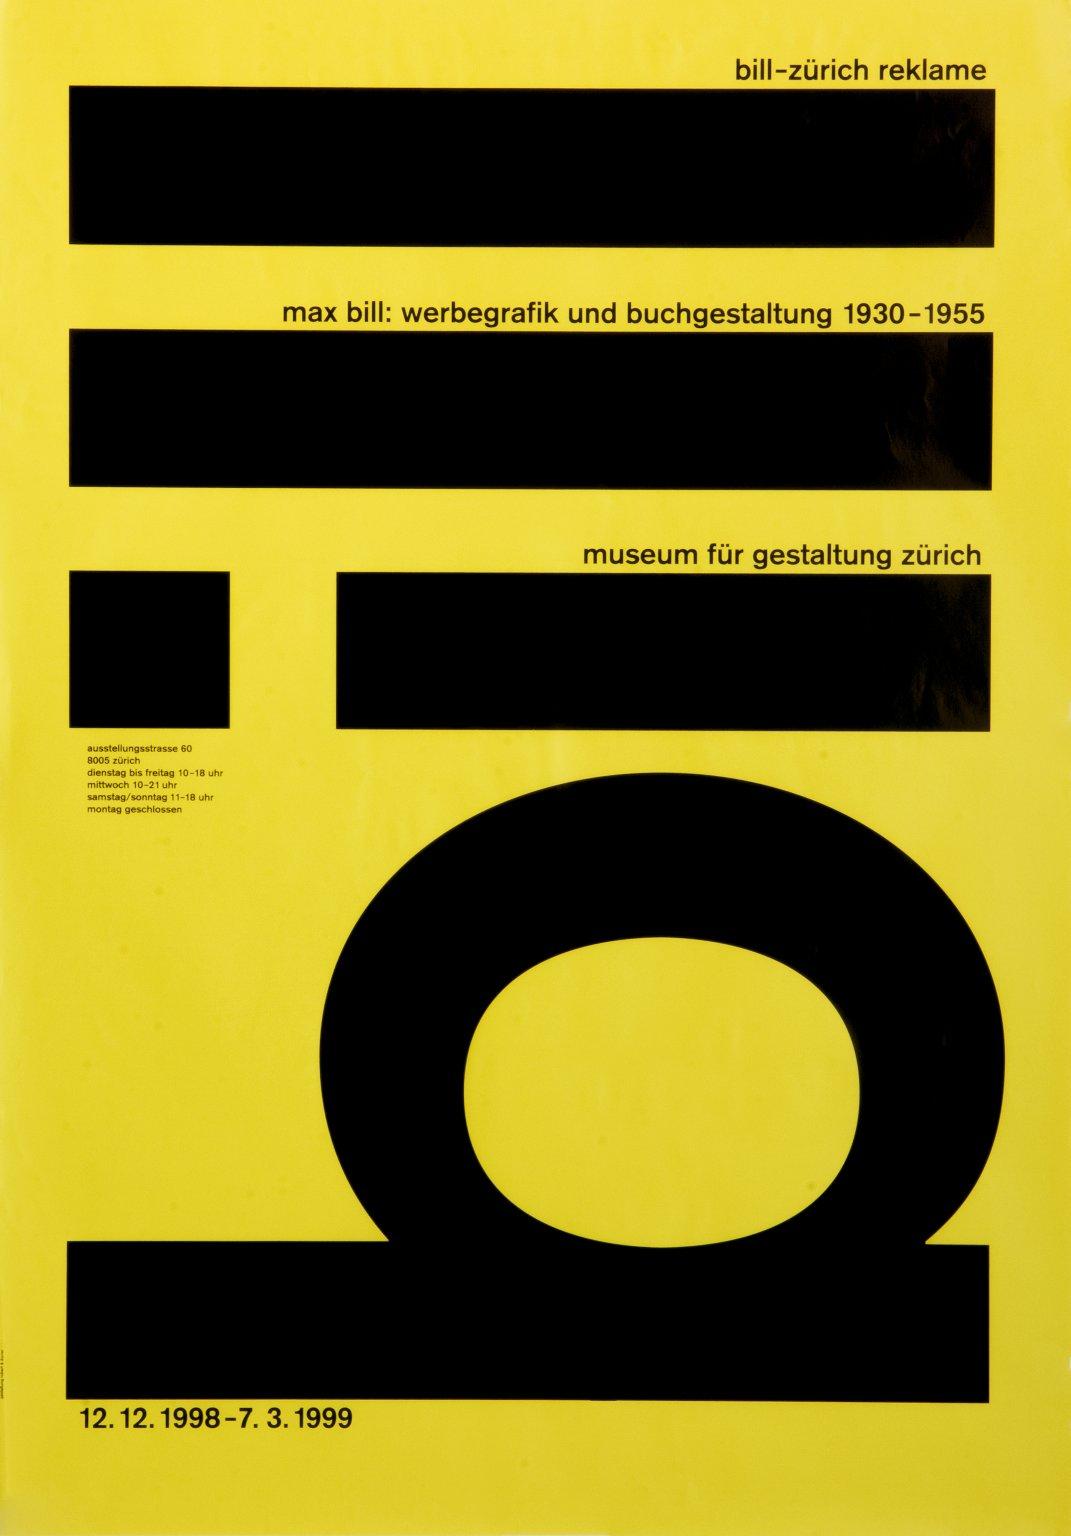 Max Bill: Werbegrafik und Buchgestaltung 1930-1955